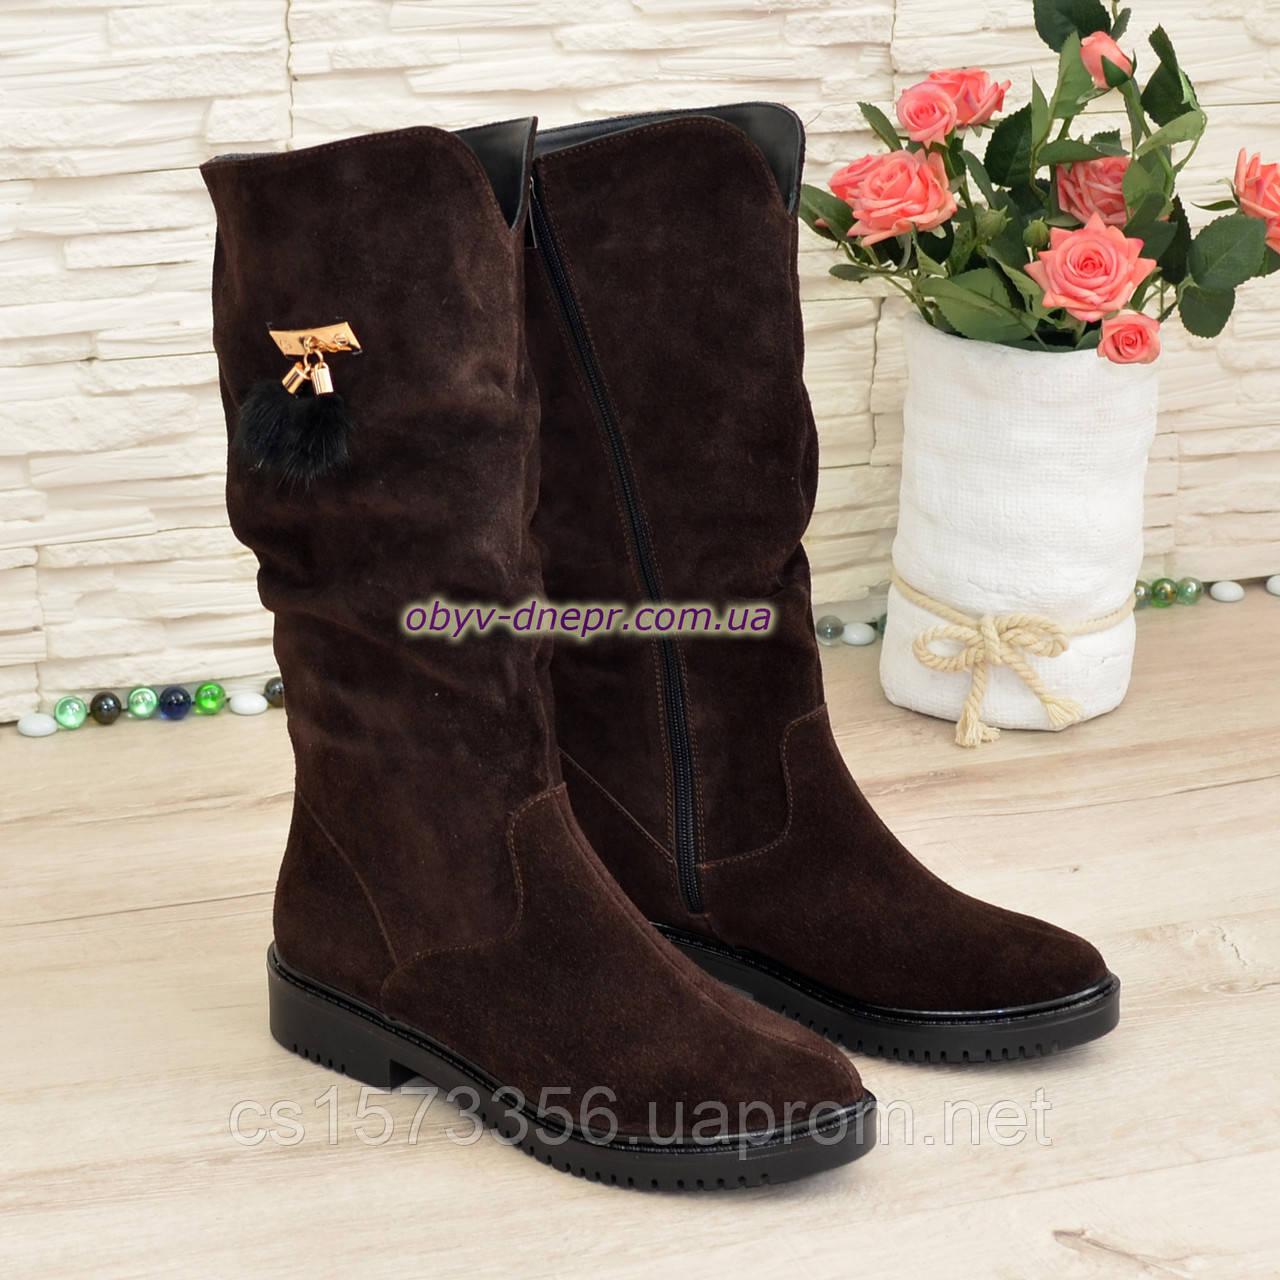 Полусапоги замшевые демисезонные женские на маленьком каблуке, цвет коричневый